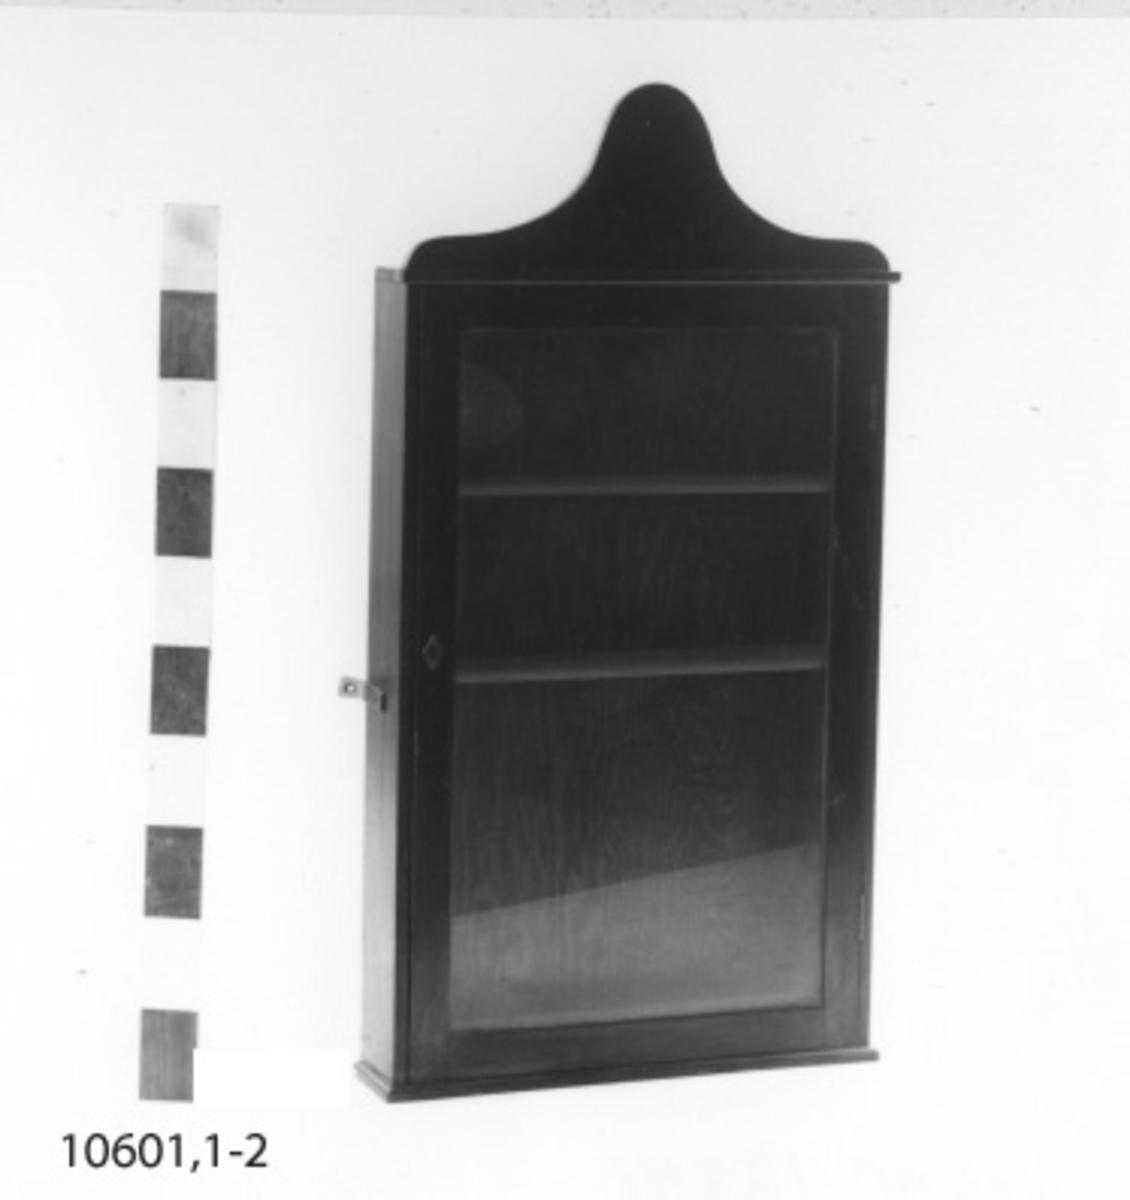 Skåp av mahogny. Med glasdörrar och tre hyllor. Ovan skåpet en halvcirkelformad bräda, på vilken ett emblem varit placerat.